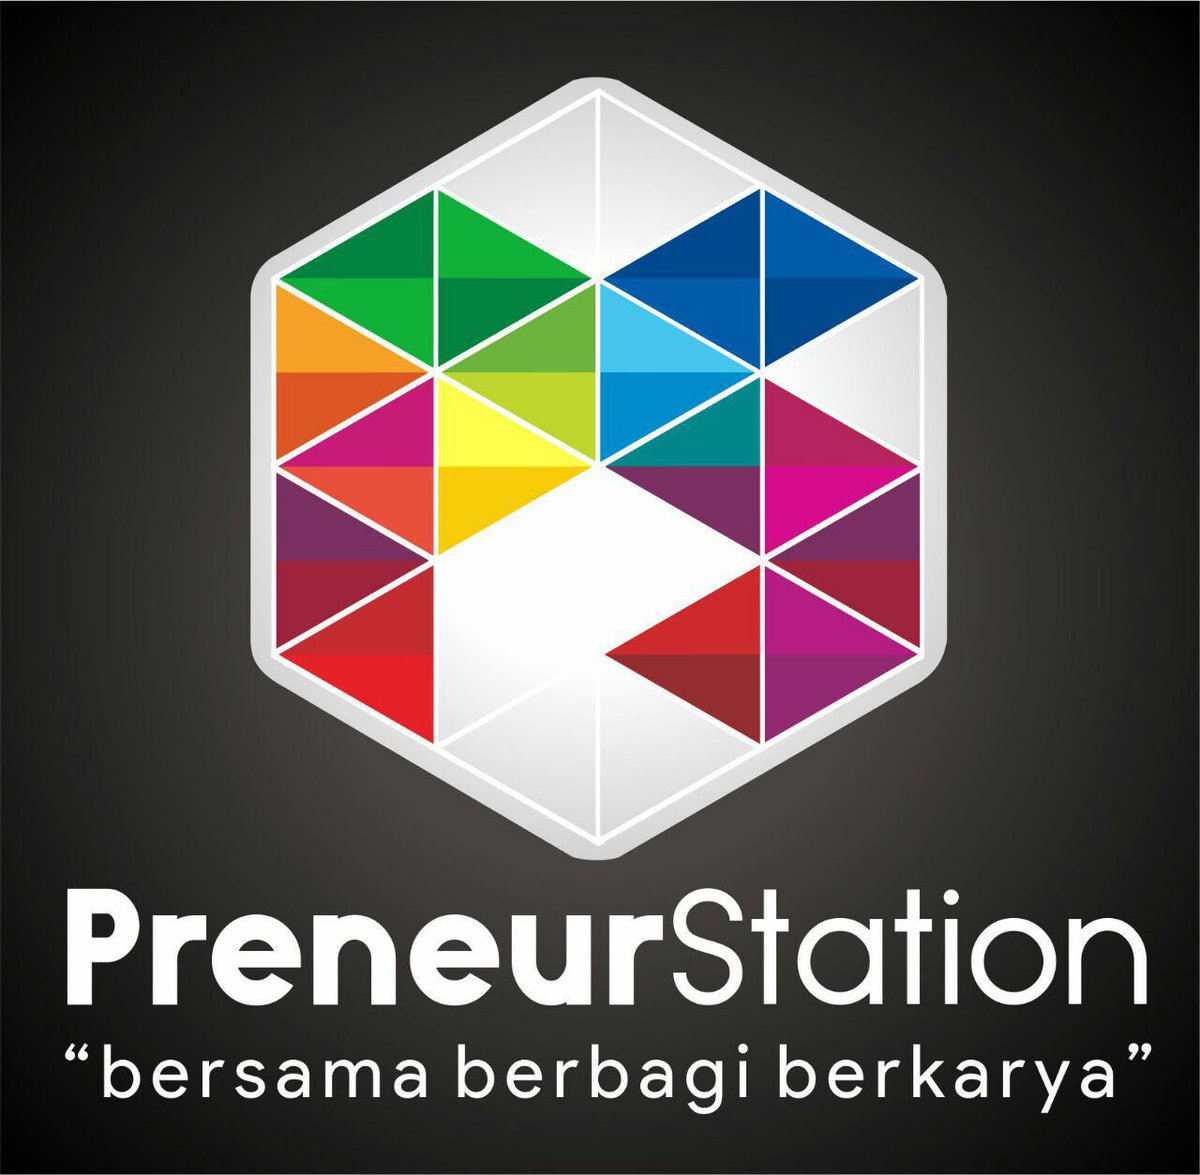 KESEPAKATAN BERSAMA: Inilah desain yang dipilih menjadi logo Preneur Station.